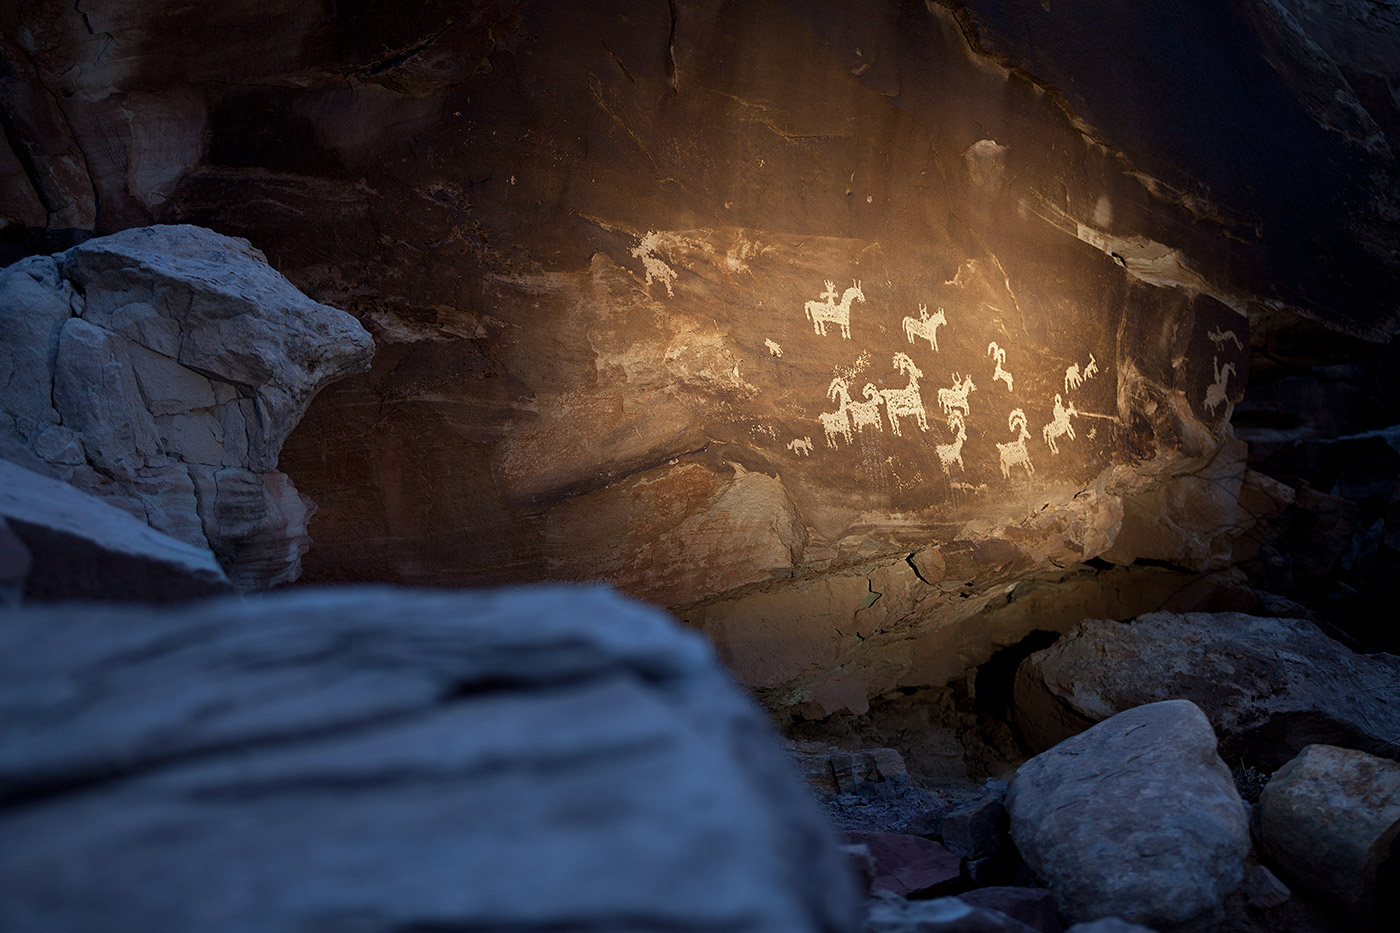 Ancient-Cultures_ABP_Ute-Petroglyphs_Arches-National-Park.jpg